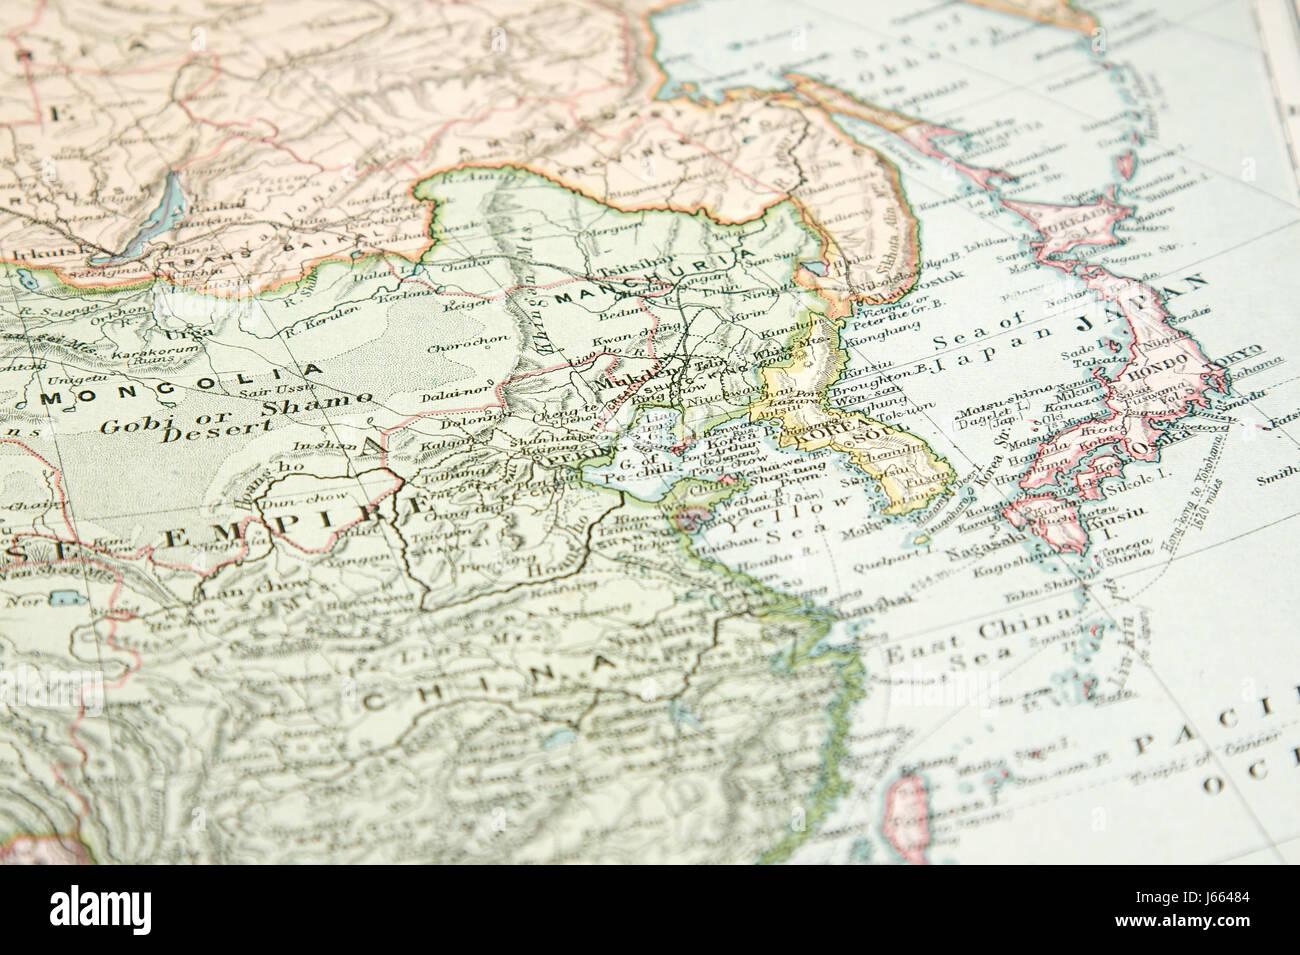 Carte Du Monde Chine Japon.Graphique Chine Japon Coree Globe Planete Terre Monde Vieux